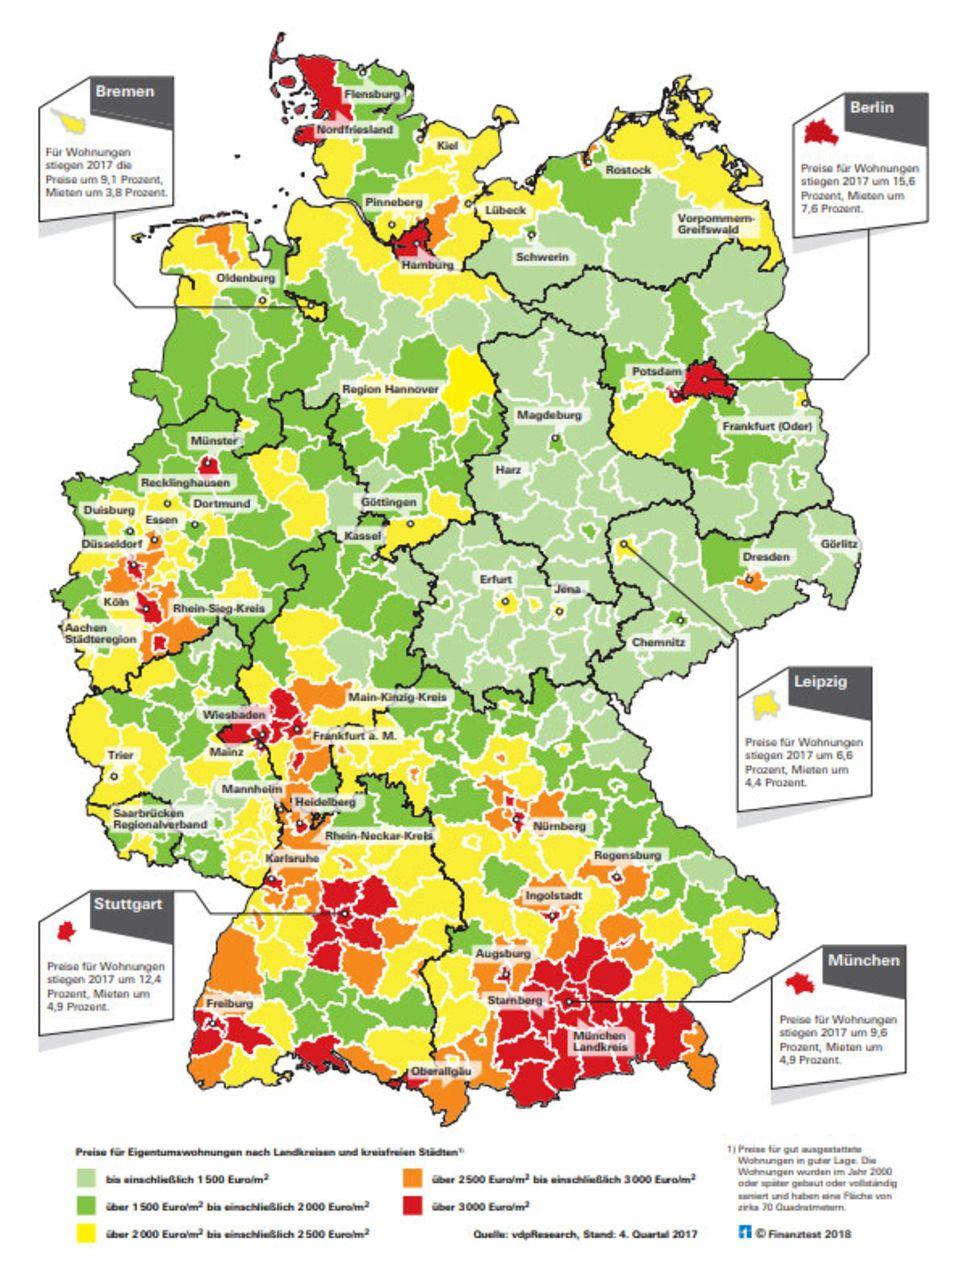 karte immobilienpreise deutschland Immobilienpreise: Finanztest erklärt, wo Eigenheime noch günstig